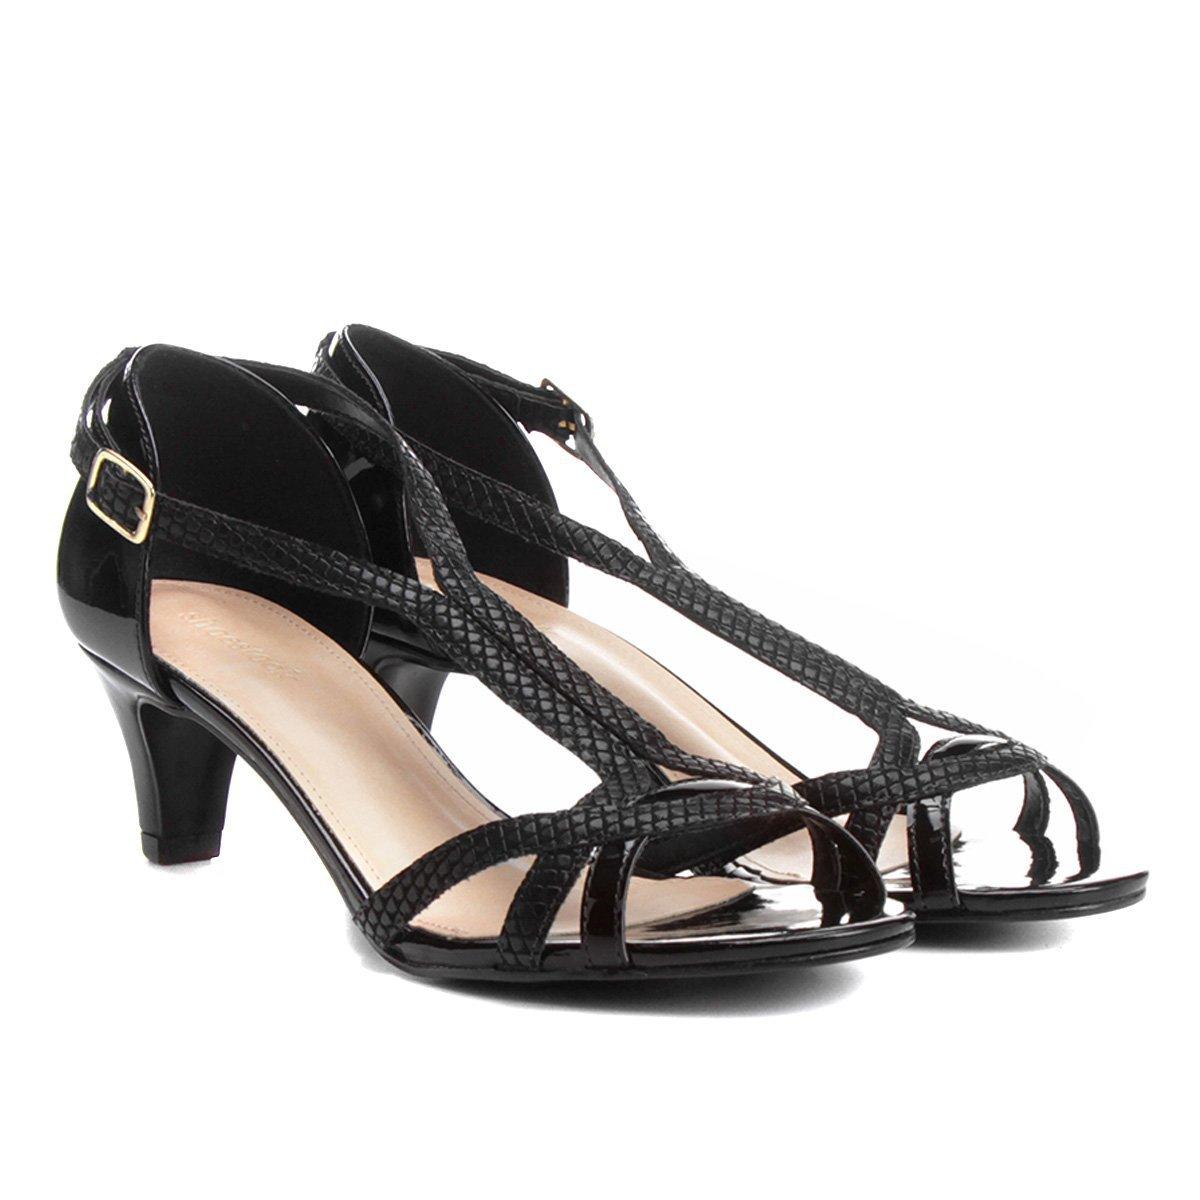 0a591a1c36 Sandália Shoestock Curvas Verniz - Compre Agora